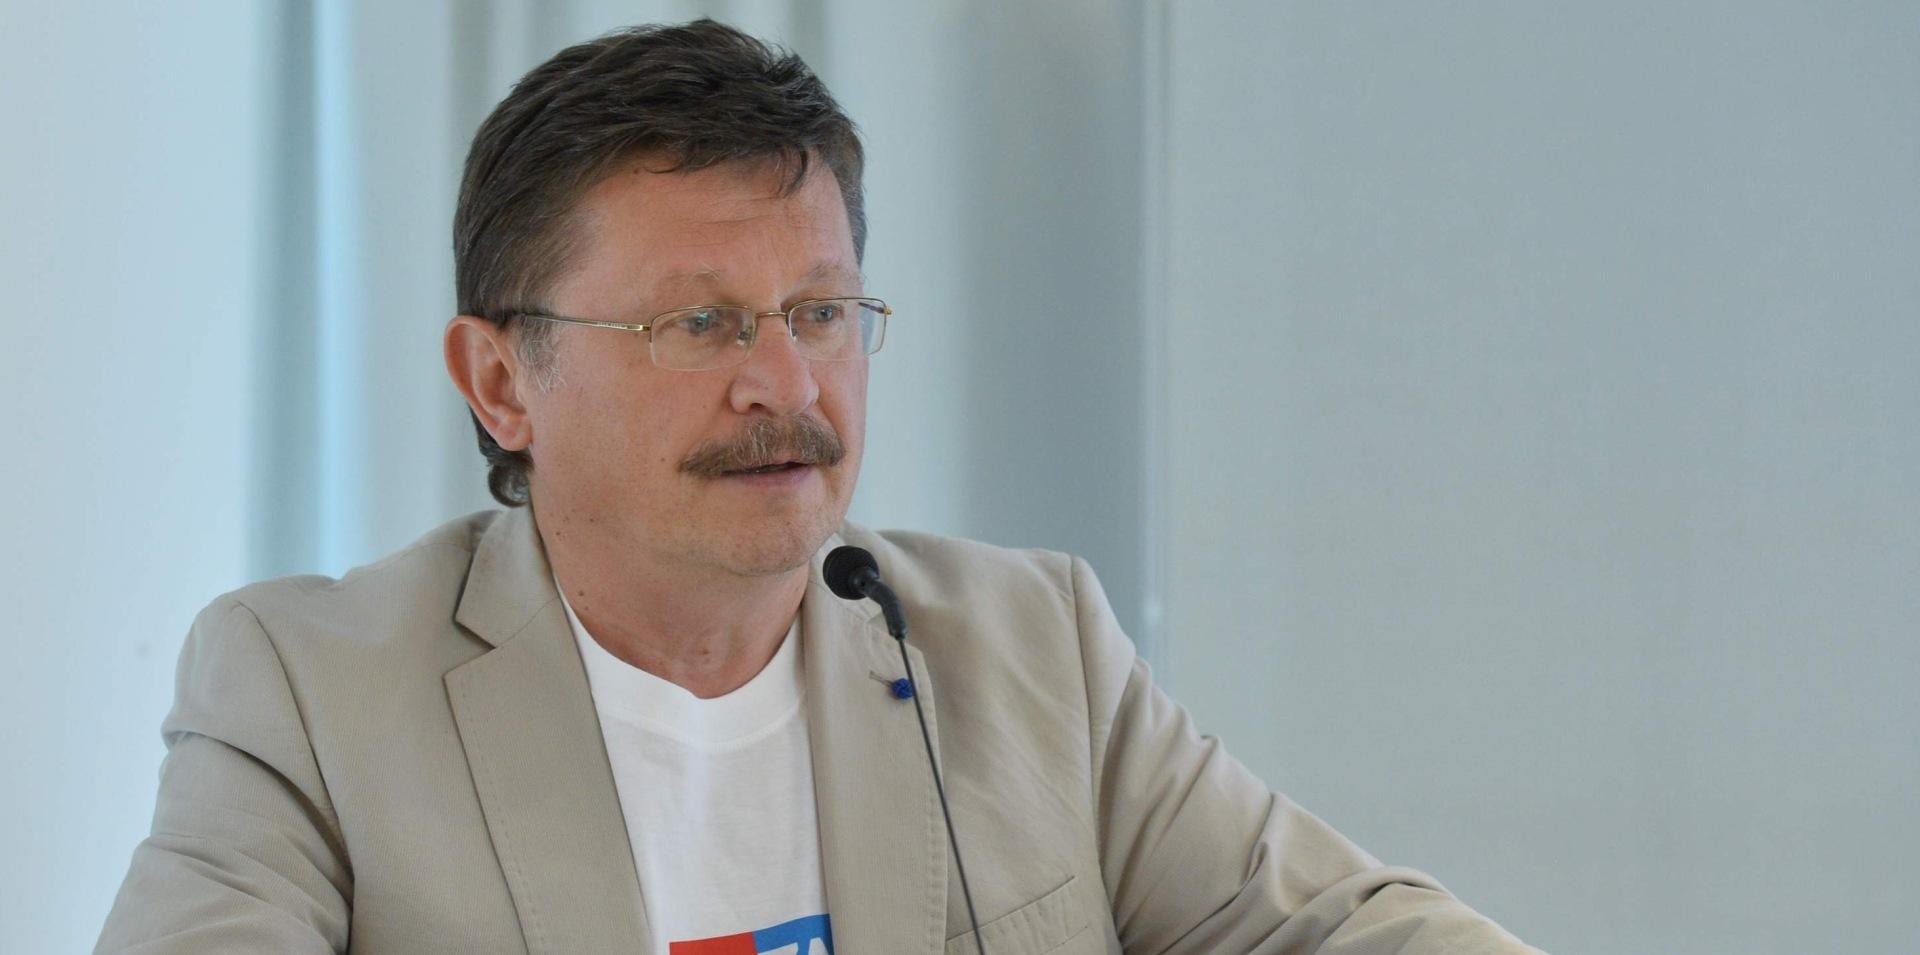 SINDIKATI NEZADOVOLJNI: Vladini pregovarači nisu došli na pregovore, Petrov najavio nastavak nakon 25. travnja